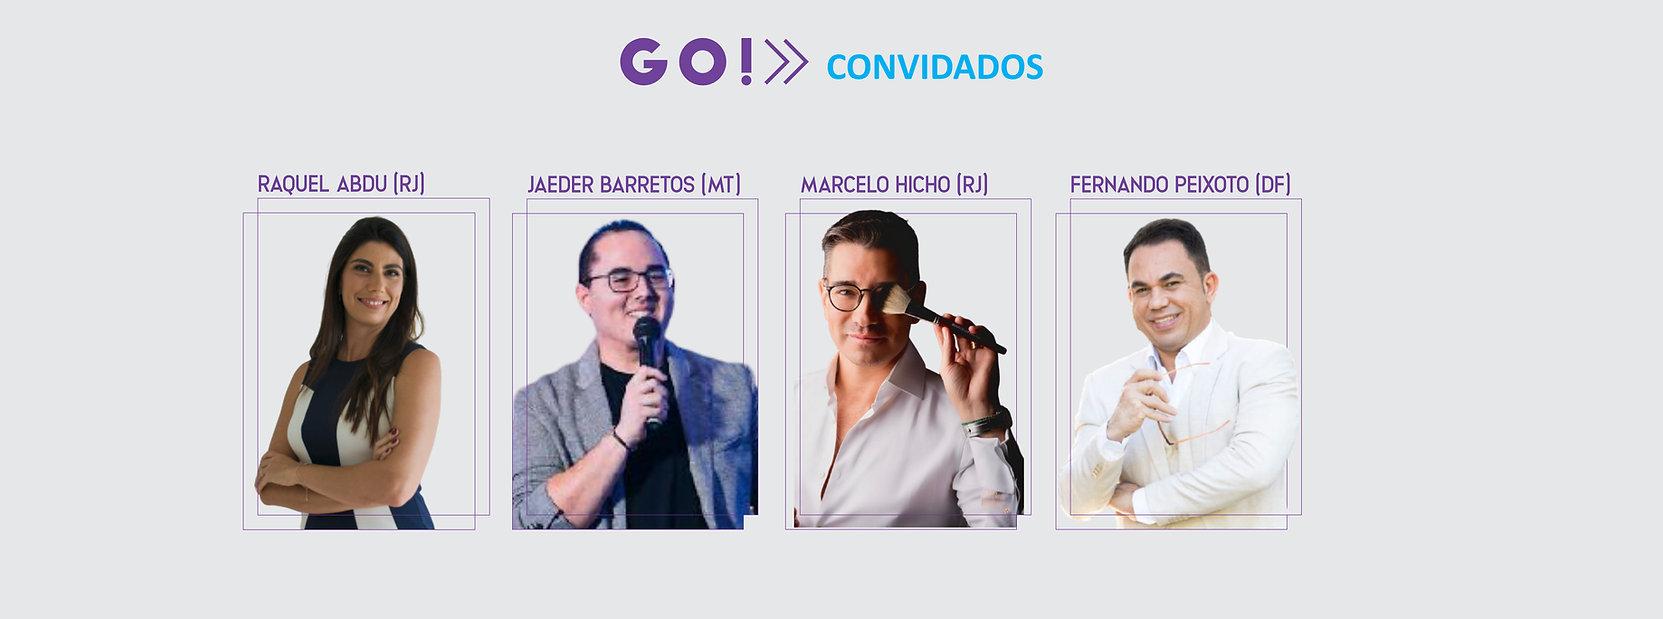 CONVIDADOS 2 TEMP 01.jpg